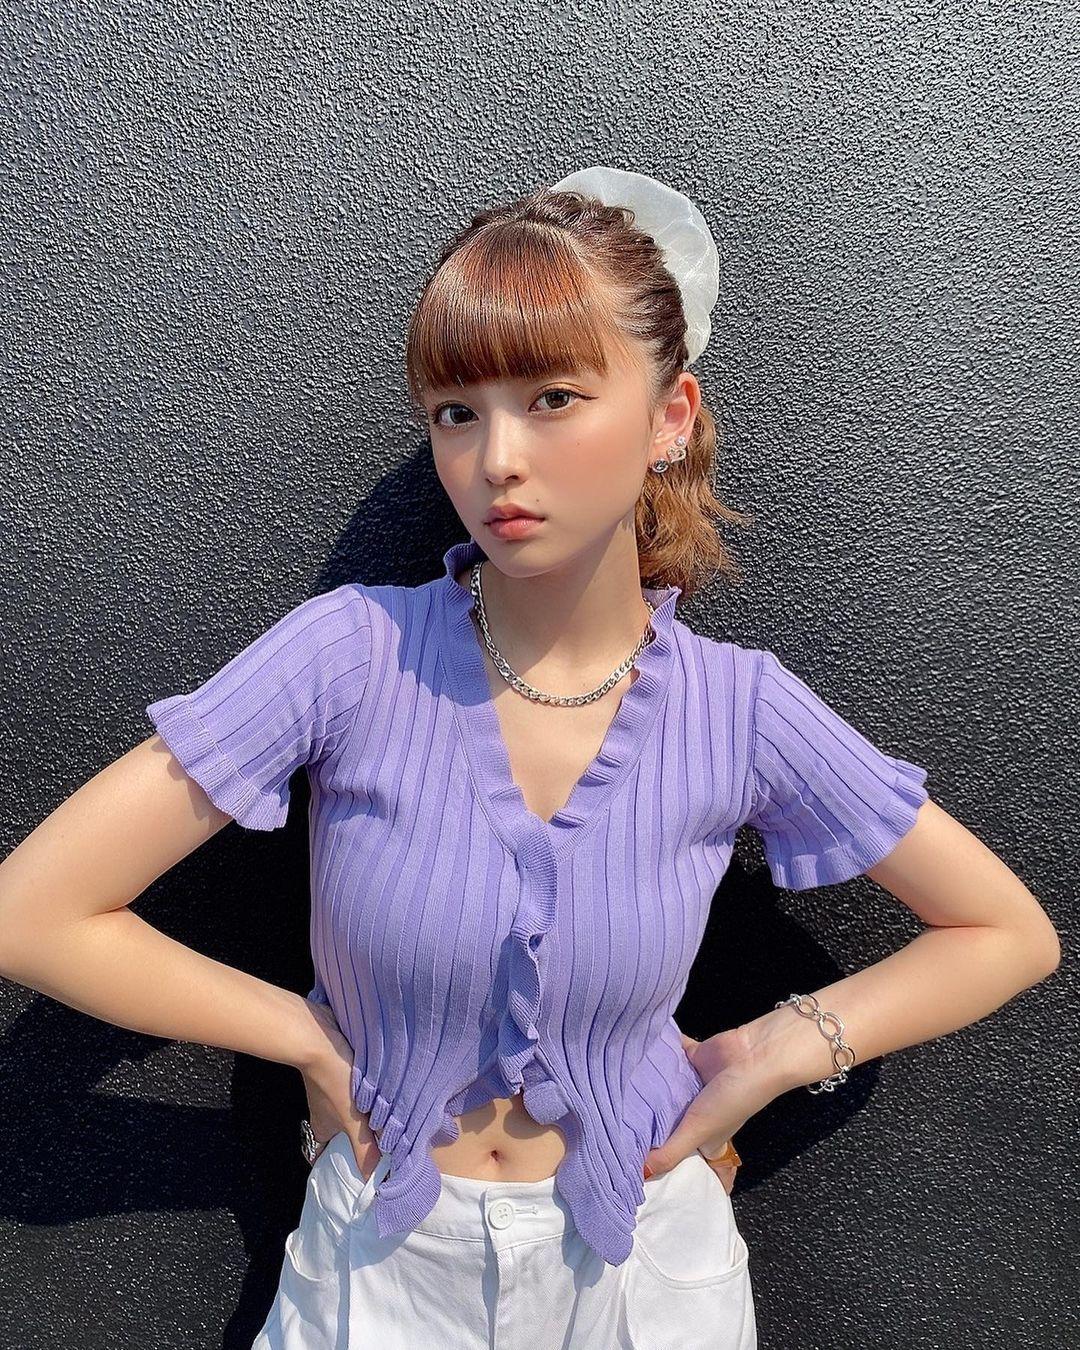 今年刚高中毕业 18 岁美少女樱井音乃身材整个无敌 网络美女 第28张